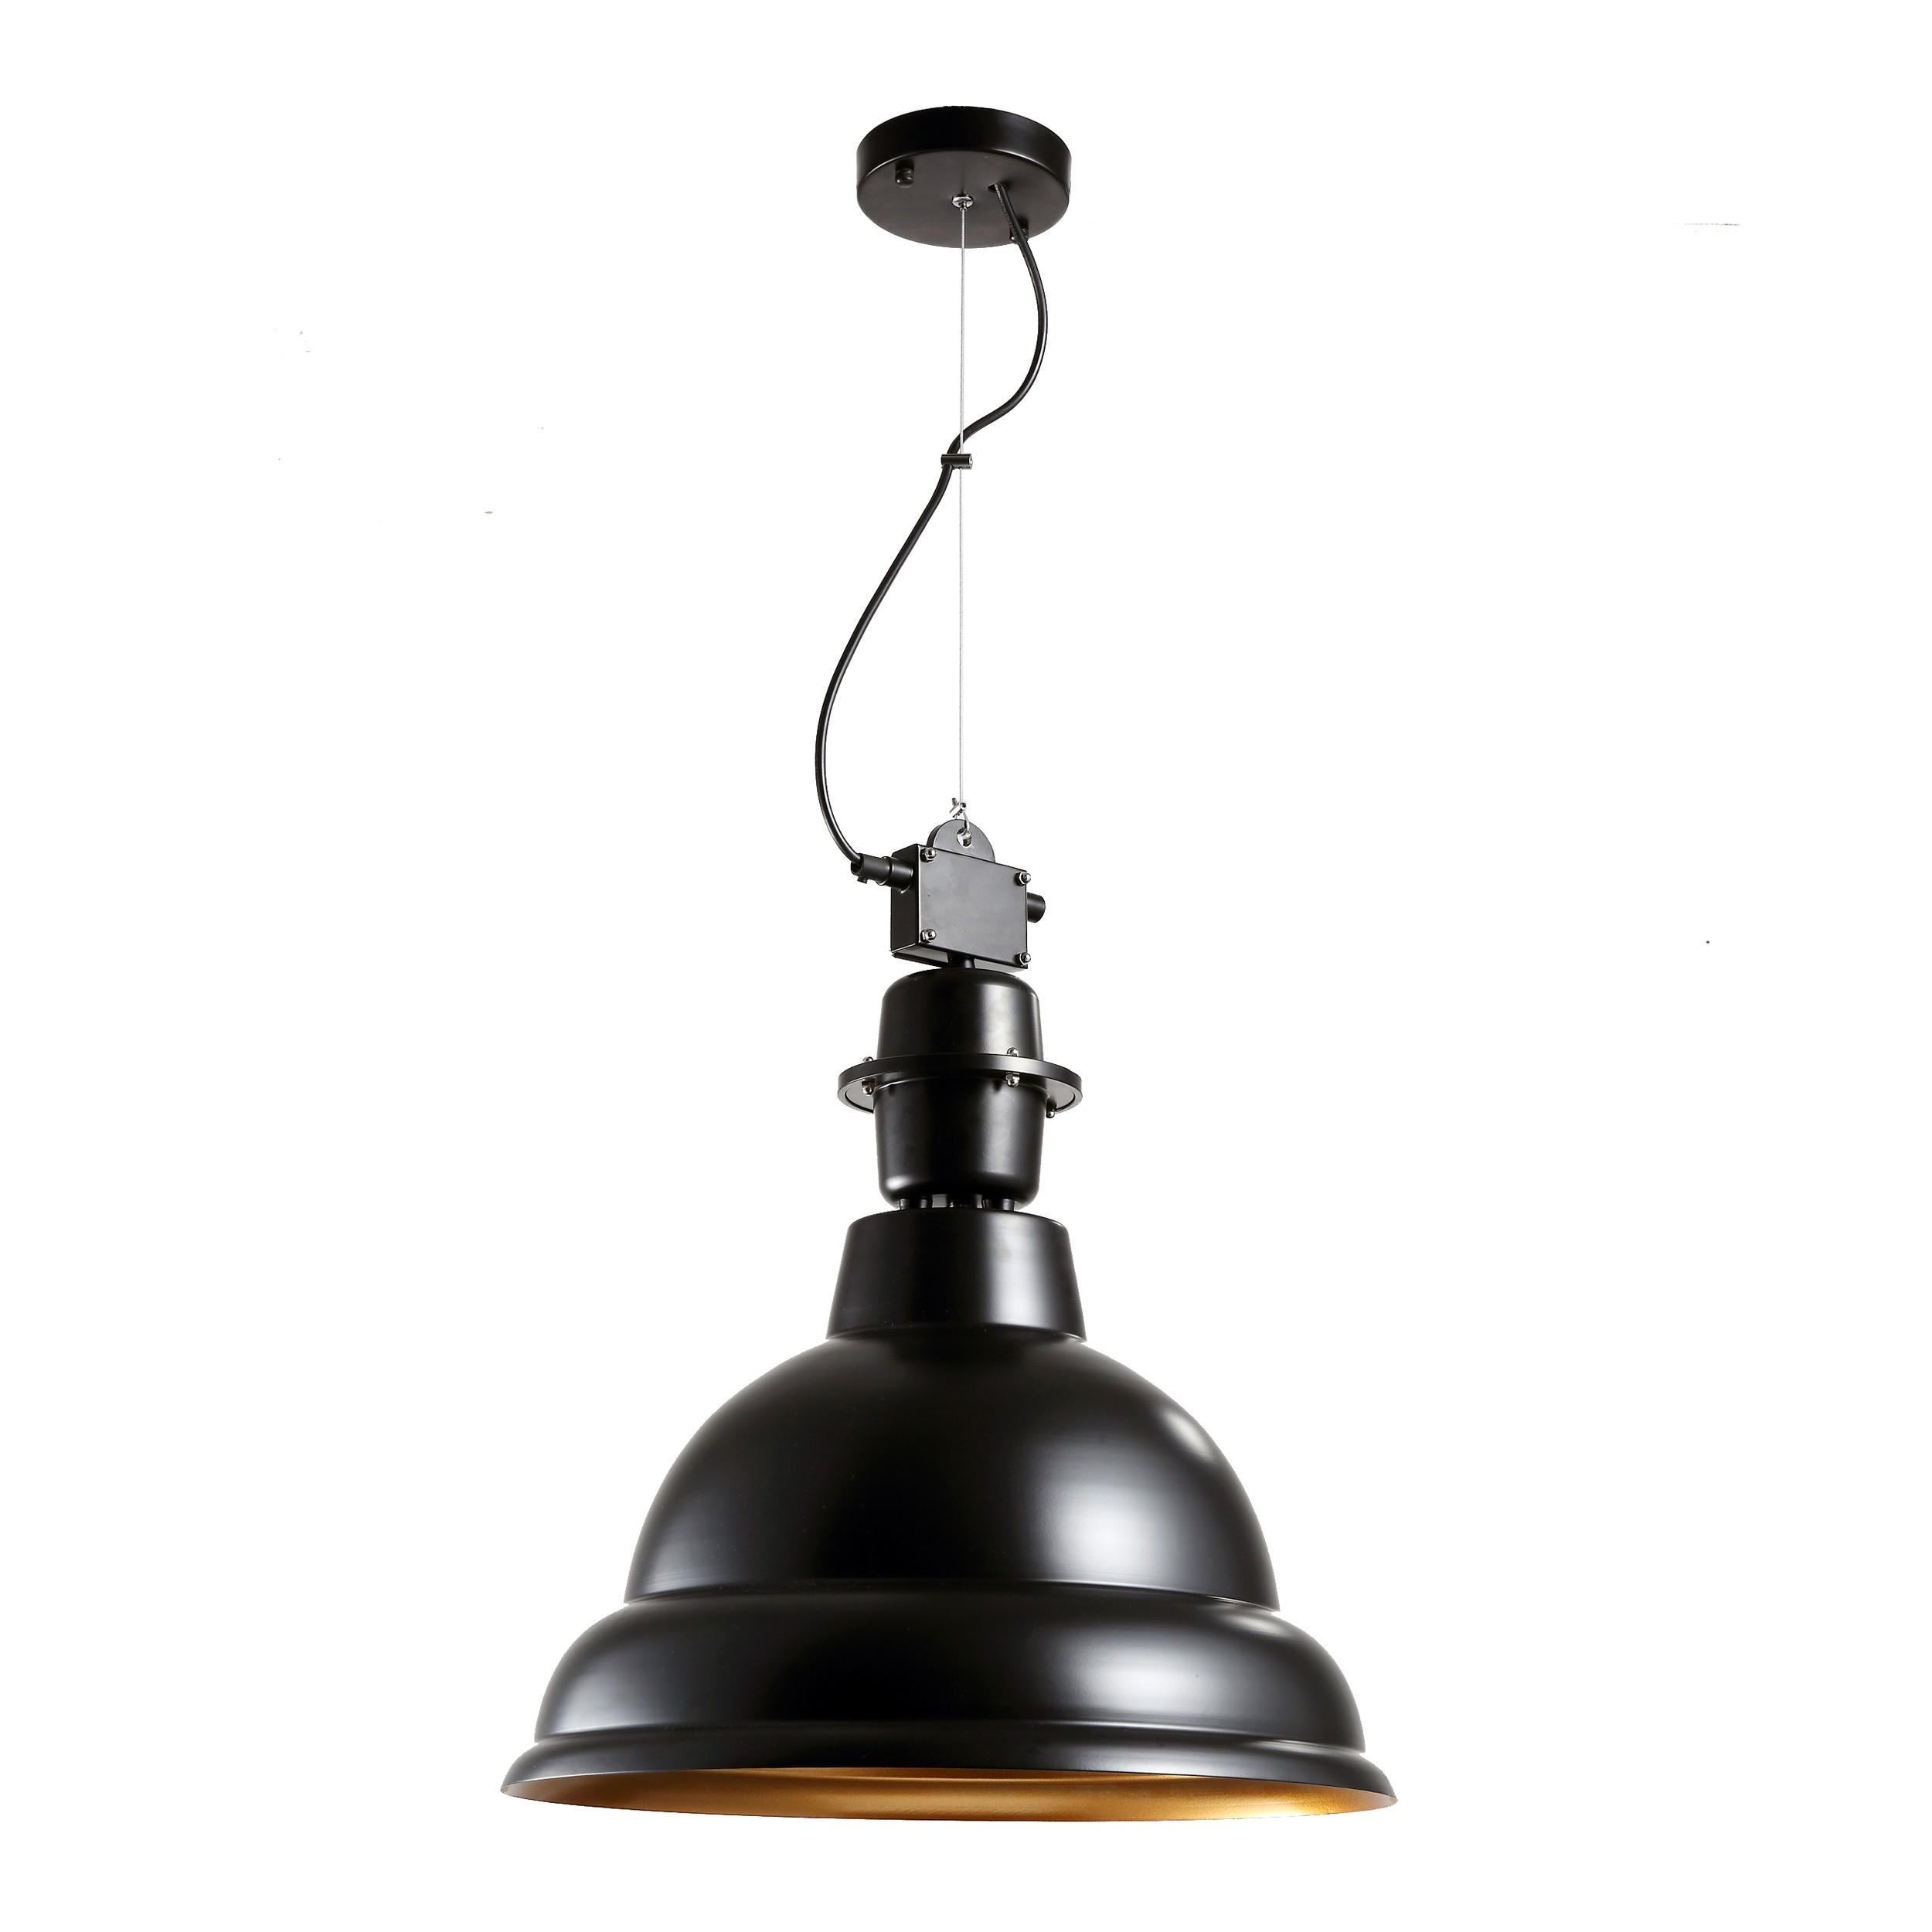 achat lampe suspension industriel noir Résultat Supérieur 15 Beau Lampe Suspendue Industrielle Galerie 2017 Iqt4